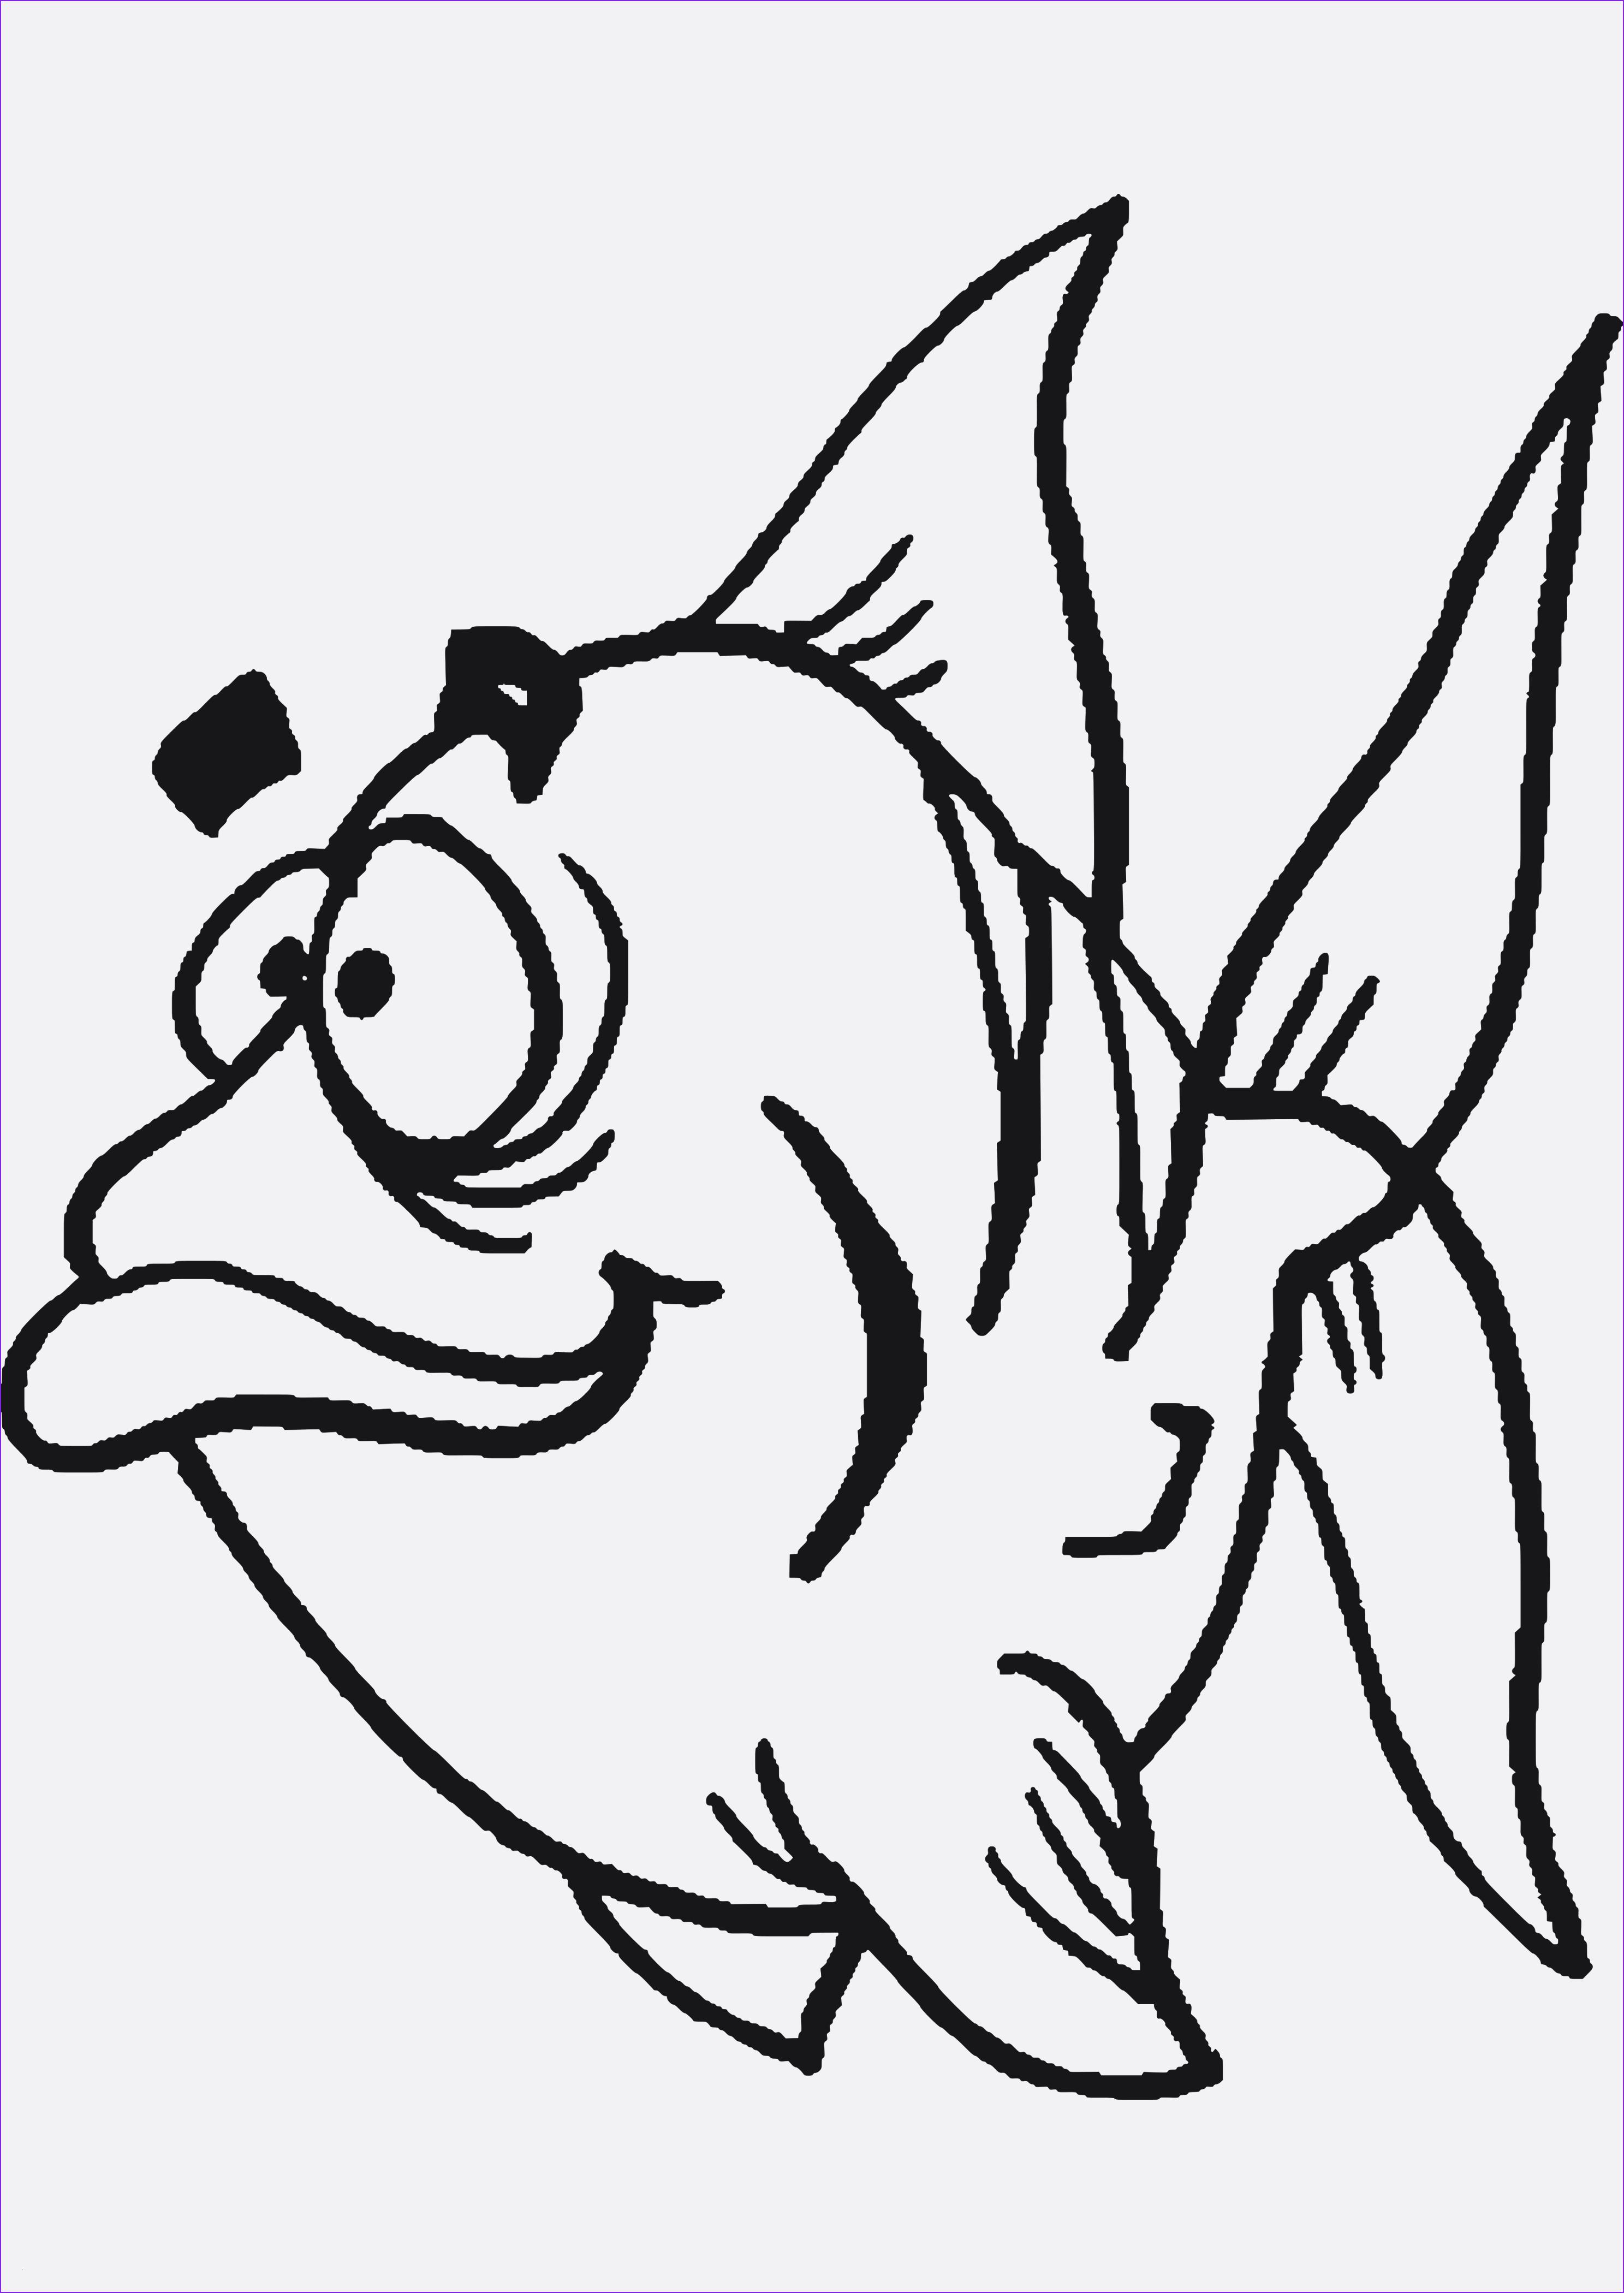 Ausmalbilder Delphine Zum Ausdrucken Inspirierend Unterwassertiere Ausmalbilder Schön 53 Ausmalbilder Tiere Fische Neu Galerie